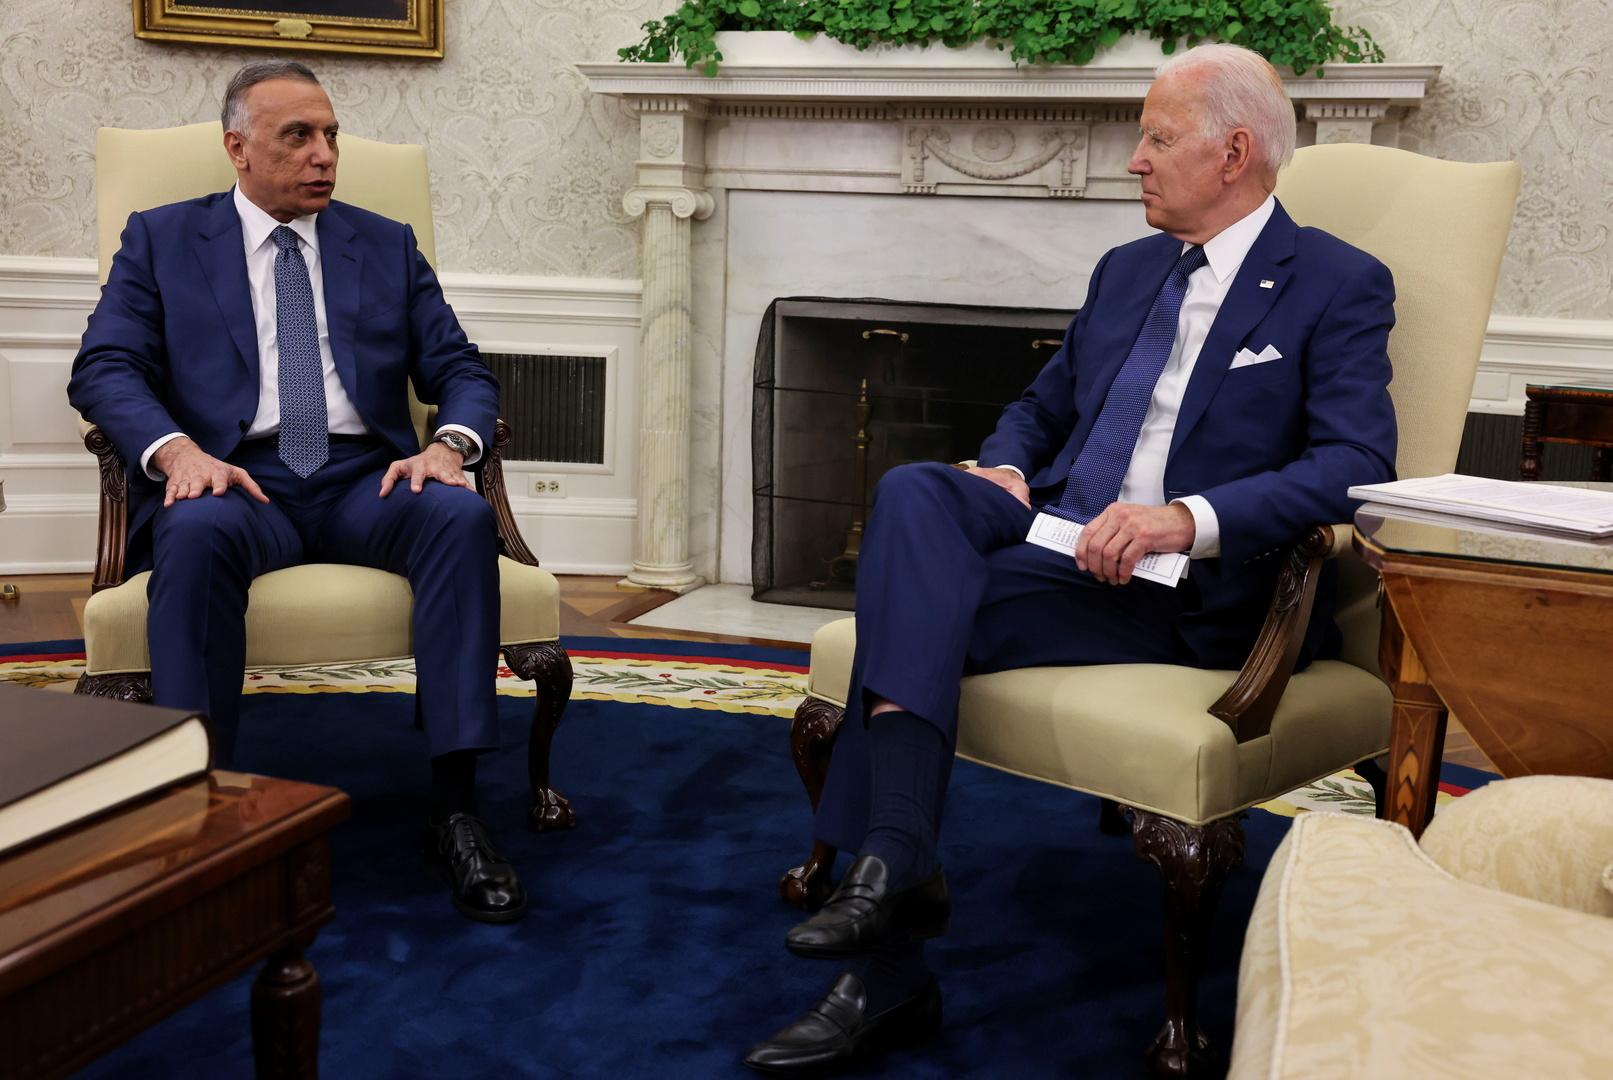 الرئيس الأمريكي، جو بايدن، ورئيس الوزراء العراقي، مصطفى الكاظمي، خلال لقائهما في البيت الأبيض يوم 26 يوليو.